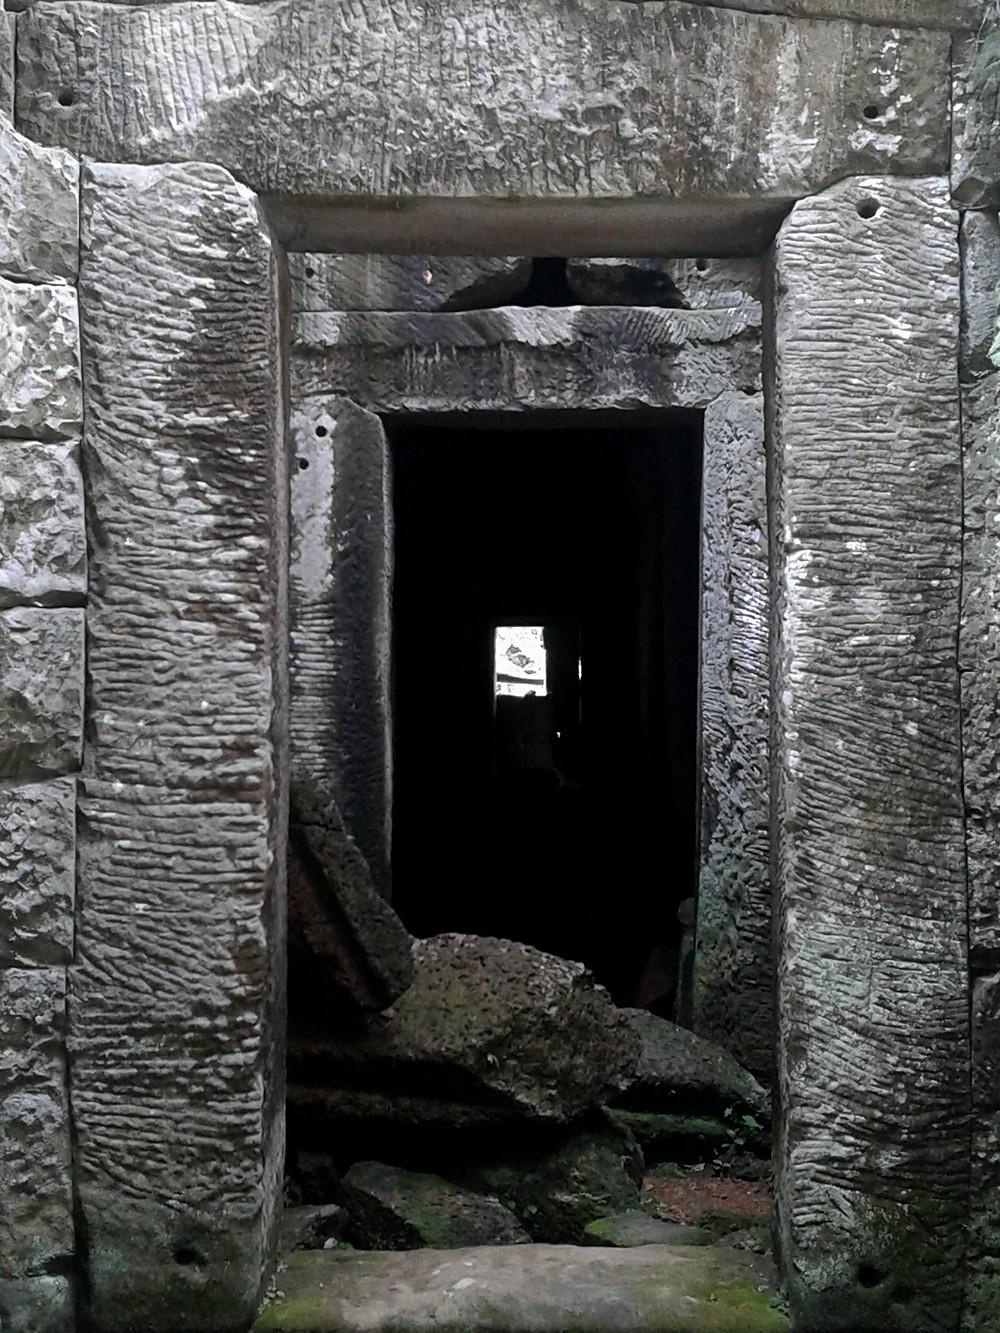 Widok długiego, czarnego korytarza zakończonego światełkiem w tunelu, świątynia Angkor Wat, Ta Prohm, Kambodża